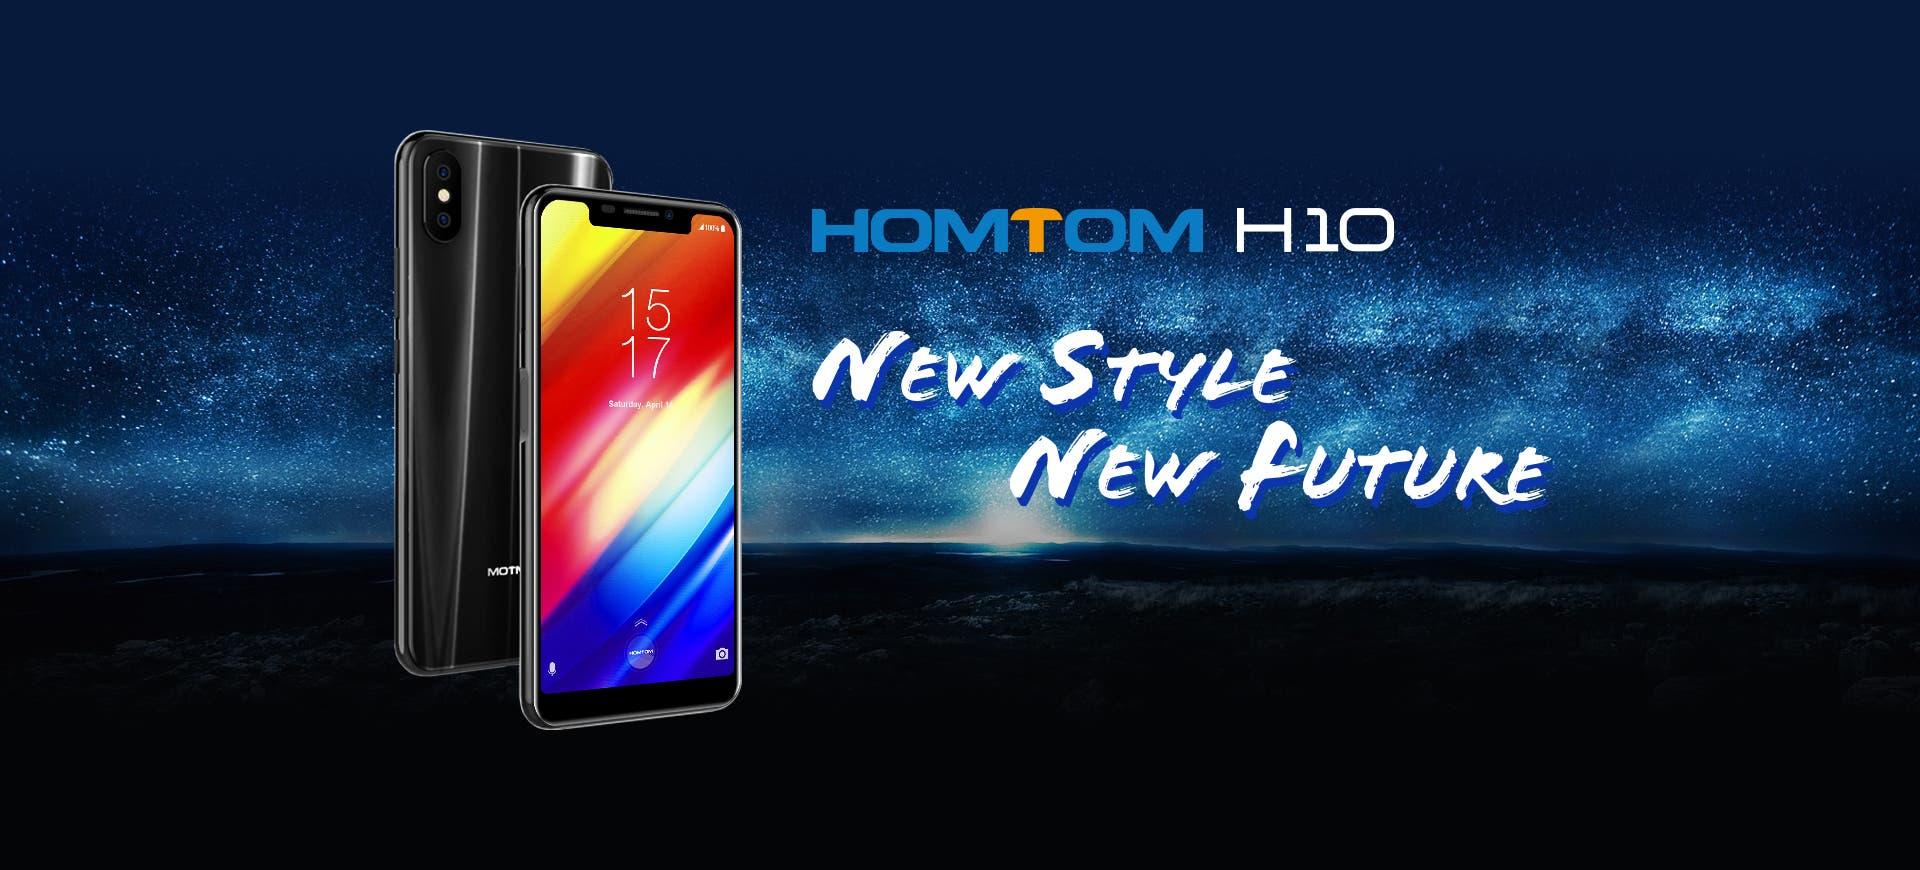 HOMTOM H10